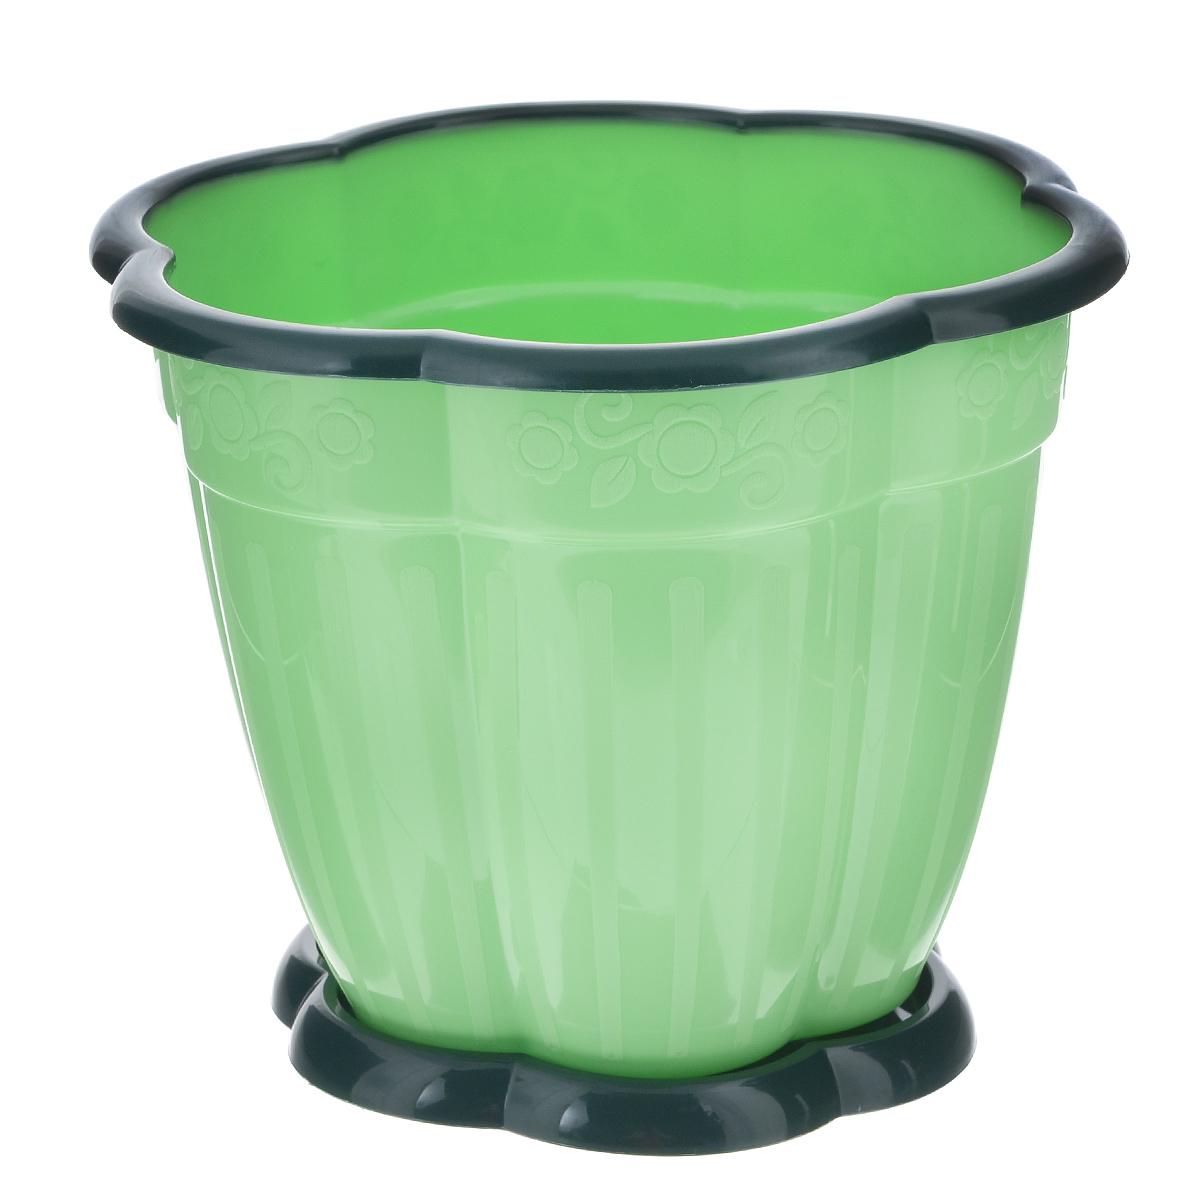 Горшок для цветов Альтернатива Восторг, цвет: зеленый, черный, 1,5 лМ1218Любой, даже самый современный и продуманный интерьер будет не завершённым без растений. Они не только очищают воздух и насыщают его кислородом, но и заметно украшают окружающее пространство. Такому полезному &laquo члену семьи&raquoпросто необходимо красивое и функциональное кашпо, оригинальный горшок или необычная ваза! Мы предлагаем - Горшок для цветов 1,5 л Восторг, поддон, цвет зеленый!Оптимальный выбор материала &mdash &nbsp пластмасса! Почему мы так считаем? Малый вес. С лёгкостью переносите горшки и кашпо с места на место, ставьте их на столики или полки, подвешивайте под потолок, не беспокоясь о нагрузке. Простота ухода. Пластиковые изделия не нуждаются в специальных условиях хранения. Их&nbsp легко чистить &mdashдостаточно просто сполоснуть тёплой водой. Никаких царапин. Пластиковые кашпо не царапают и не загрязняют поверхности, на которых стоят. Пластик дольше хранит влагу, а значит &mdashрастение реже нуждается в поливе. Пластмасса не пропускает воздух &mdashкорневой системе растения не грозят резкие перепады температур. Огромный выбор форм, декора и расцветок &mdashвы без труда подберёте что-то, что идеально впишется в уже существующий интерьер.Соблюдая нехитрые правила ухода, вы можете заметно продлить срок службы горшков, вазонов и кашпо из пластика: всегда учитывайте размер кроны и корневой системы растения (при разрастании большое растение способно повредить маленький горшок)берегите изделие от воздействия прямых солнечных лучей, чтобы кашпо и горшки не выцветалидержите кашпо и горшки из пластика подальше от нагревающихся поверхностей.Создавайте прекрасные цветочные композиции, выращивайте рассаду или необычные растения, а низкие цены позволят вам не ограничивать себя в выборе.